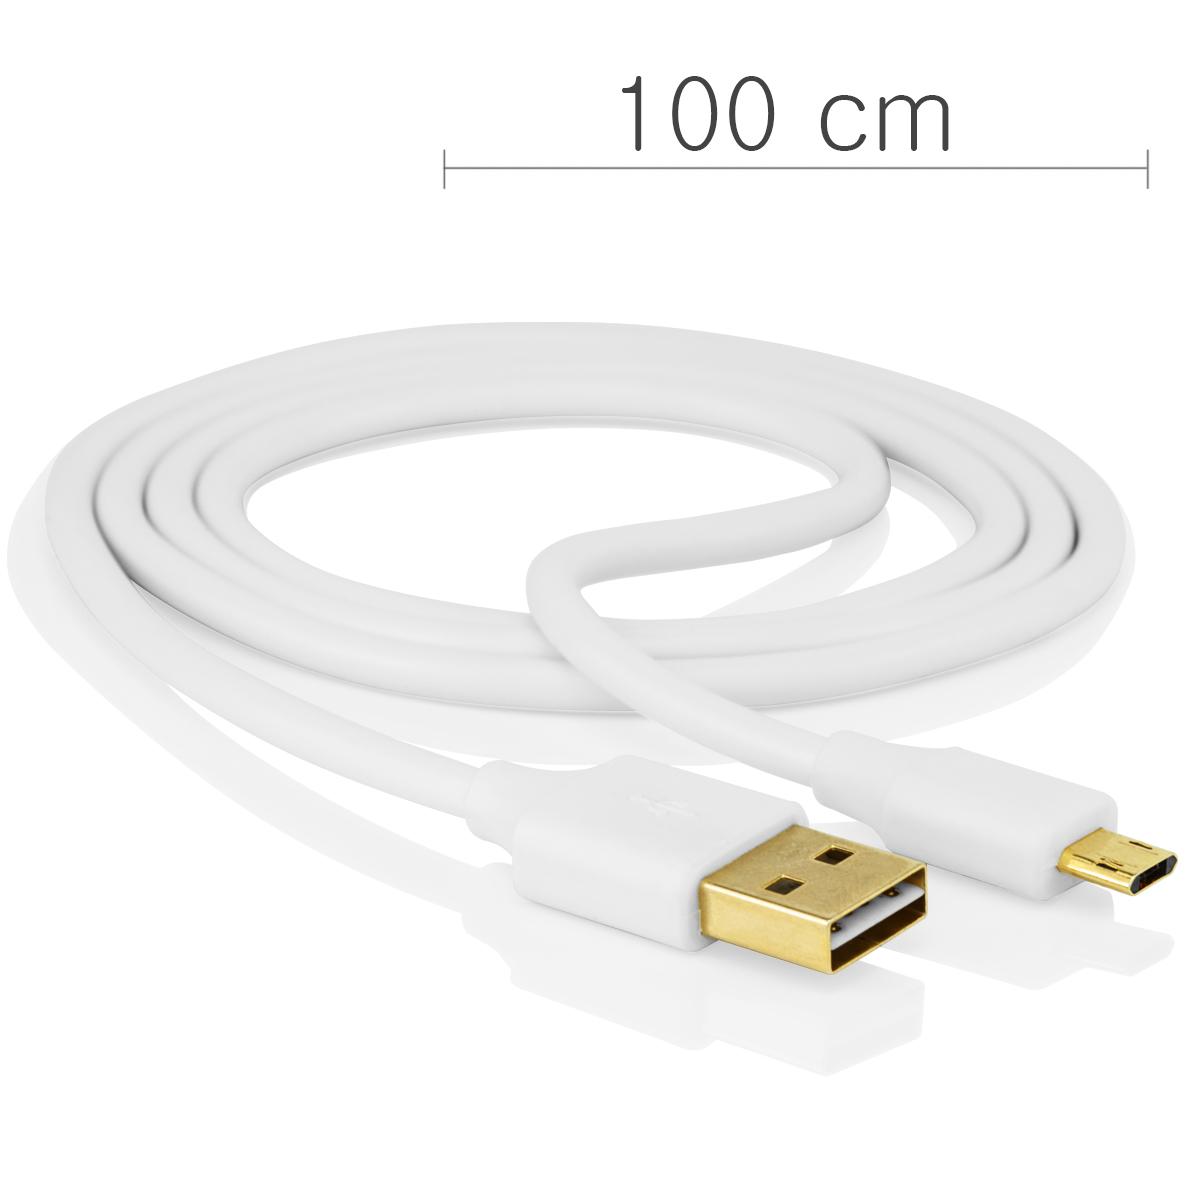 micro flip usb kabel ladekabel datenkabel reversible f r handy tablet smartphone. Black Bedroom Furniture Sets. Home Design Ideas